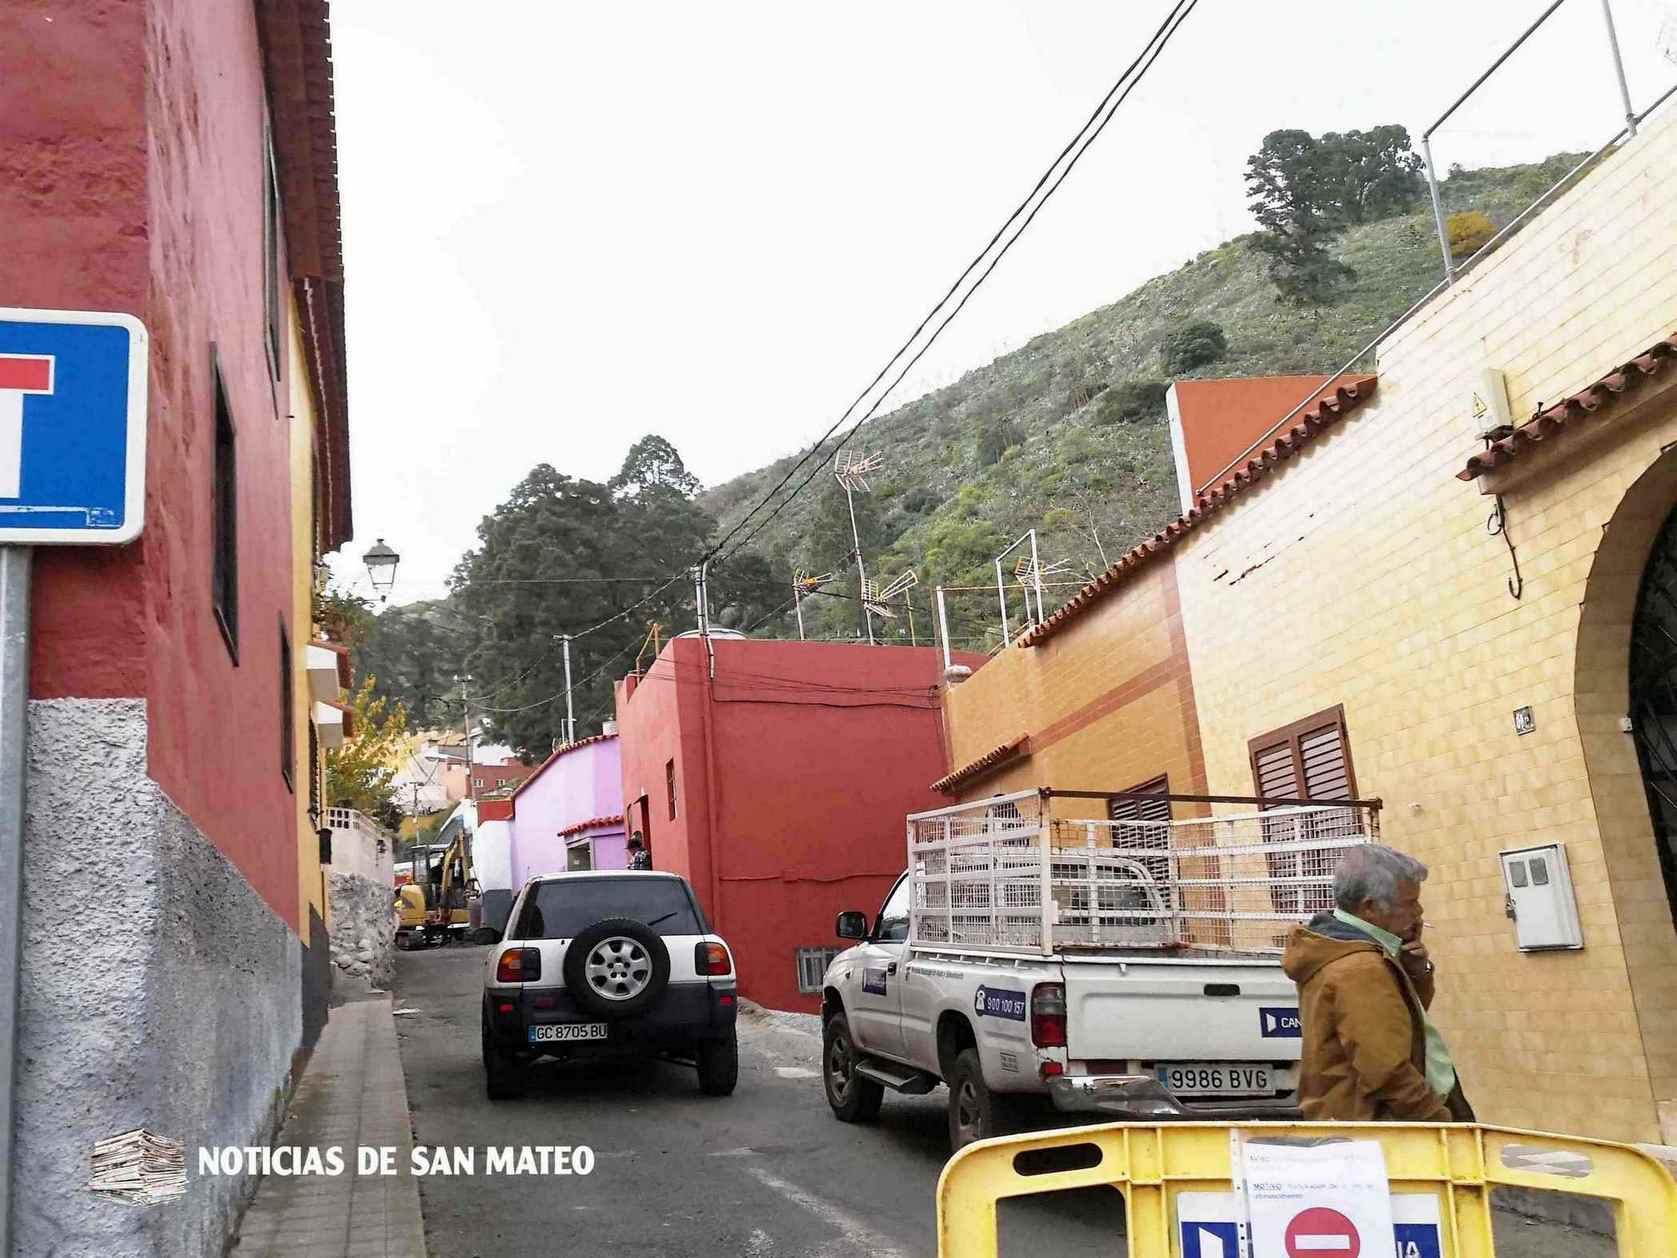 calle lourdes canaragua pre asfaltado san mateo 8 de enero de 2019